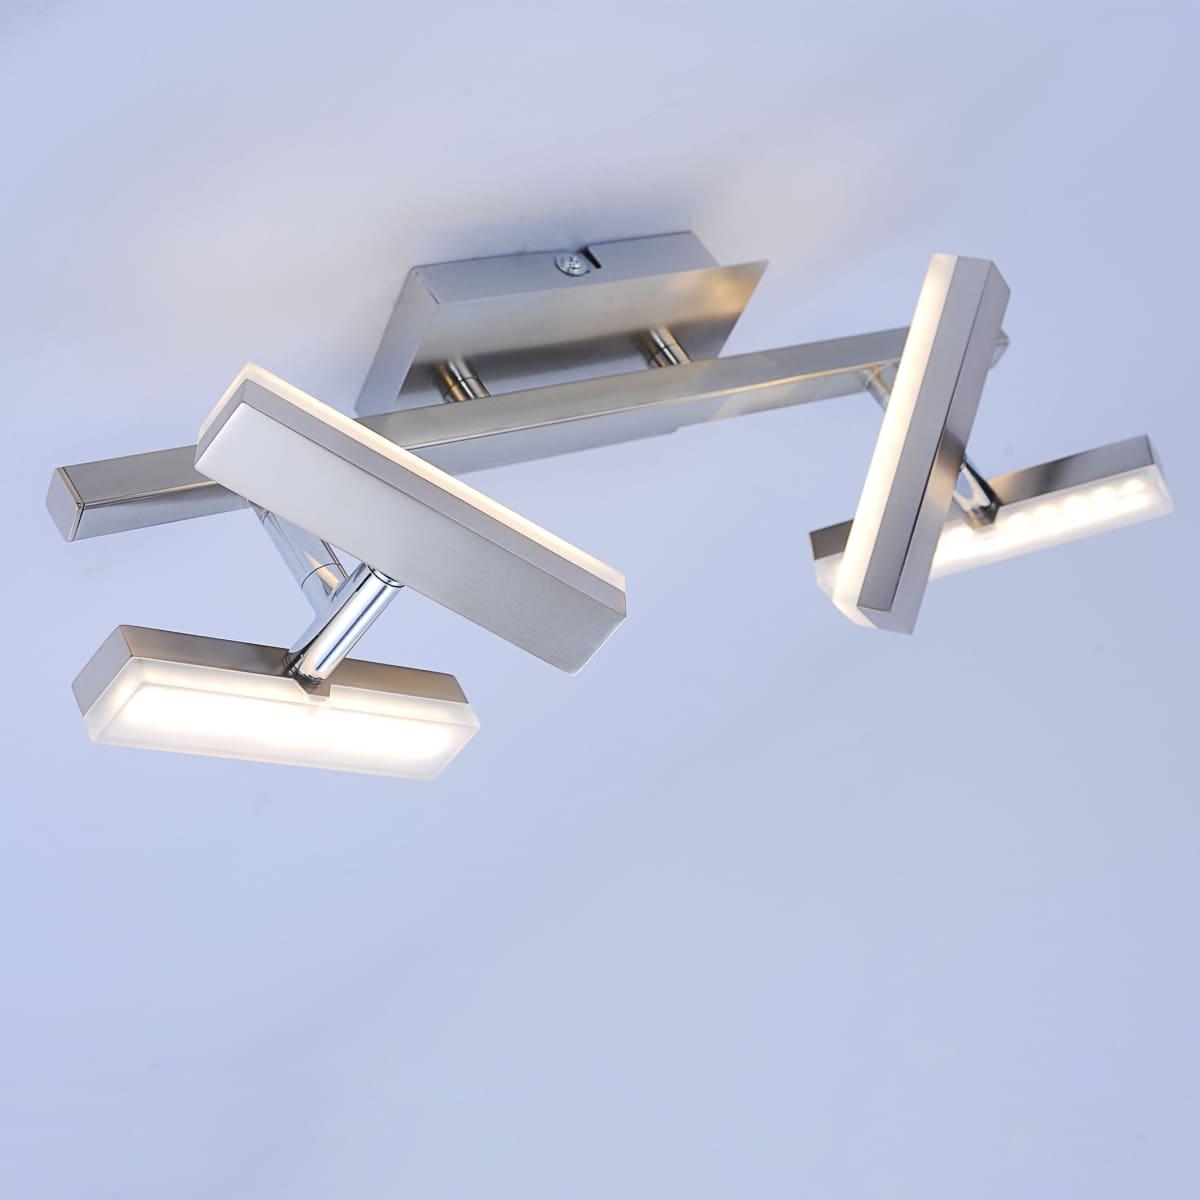 LED-Deckenleuchte in Stahl mit 4 verstellbaren Leuchtköpfen und warmweißer Lichtfarbe ist energiesparend